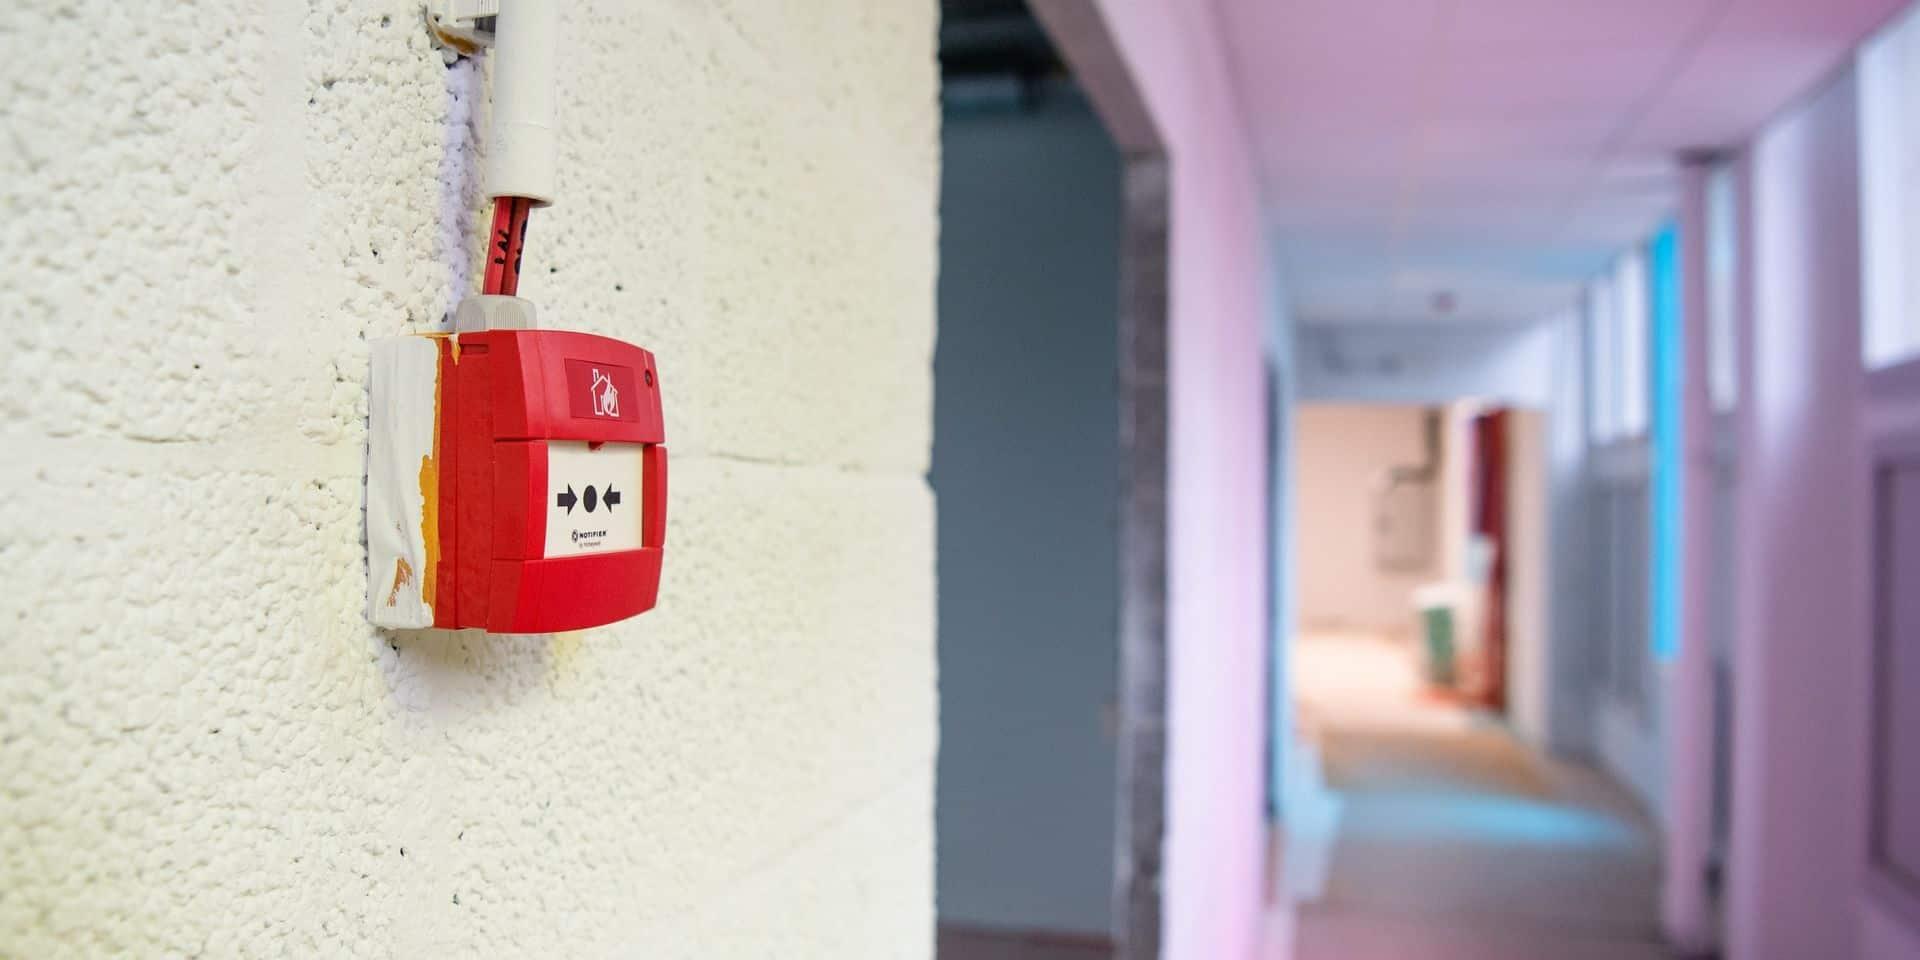 Toits non isolés, absence de double vitrage... L'état des bâtiments scolaires en FDW inquiète